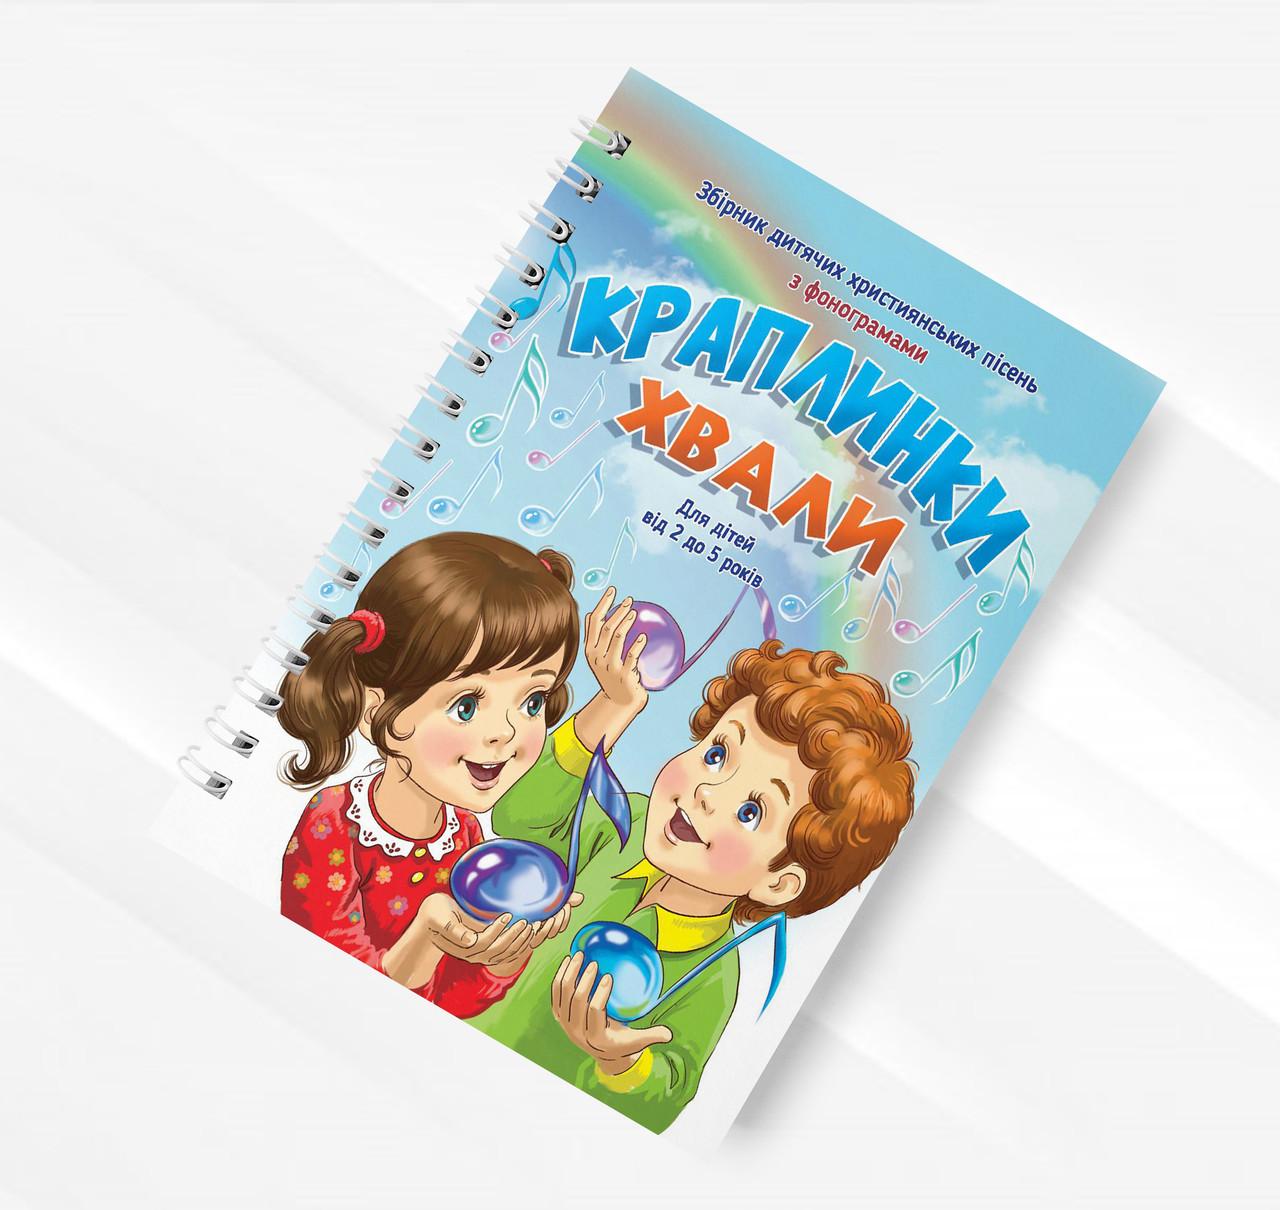 Краплинки хвали. Збірник дитячих християнських пісень з фонограмами (2-5 років)